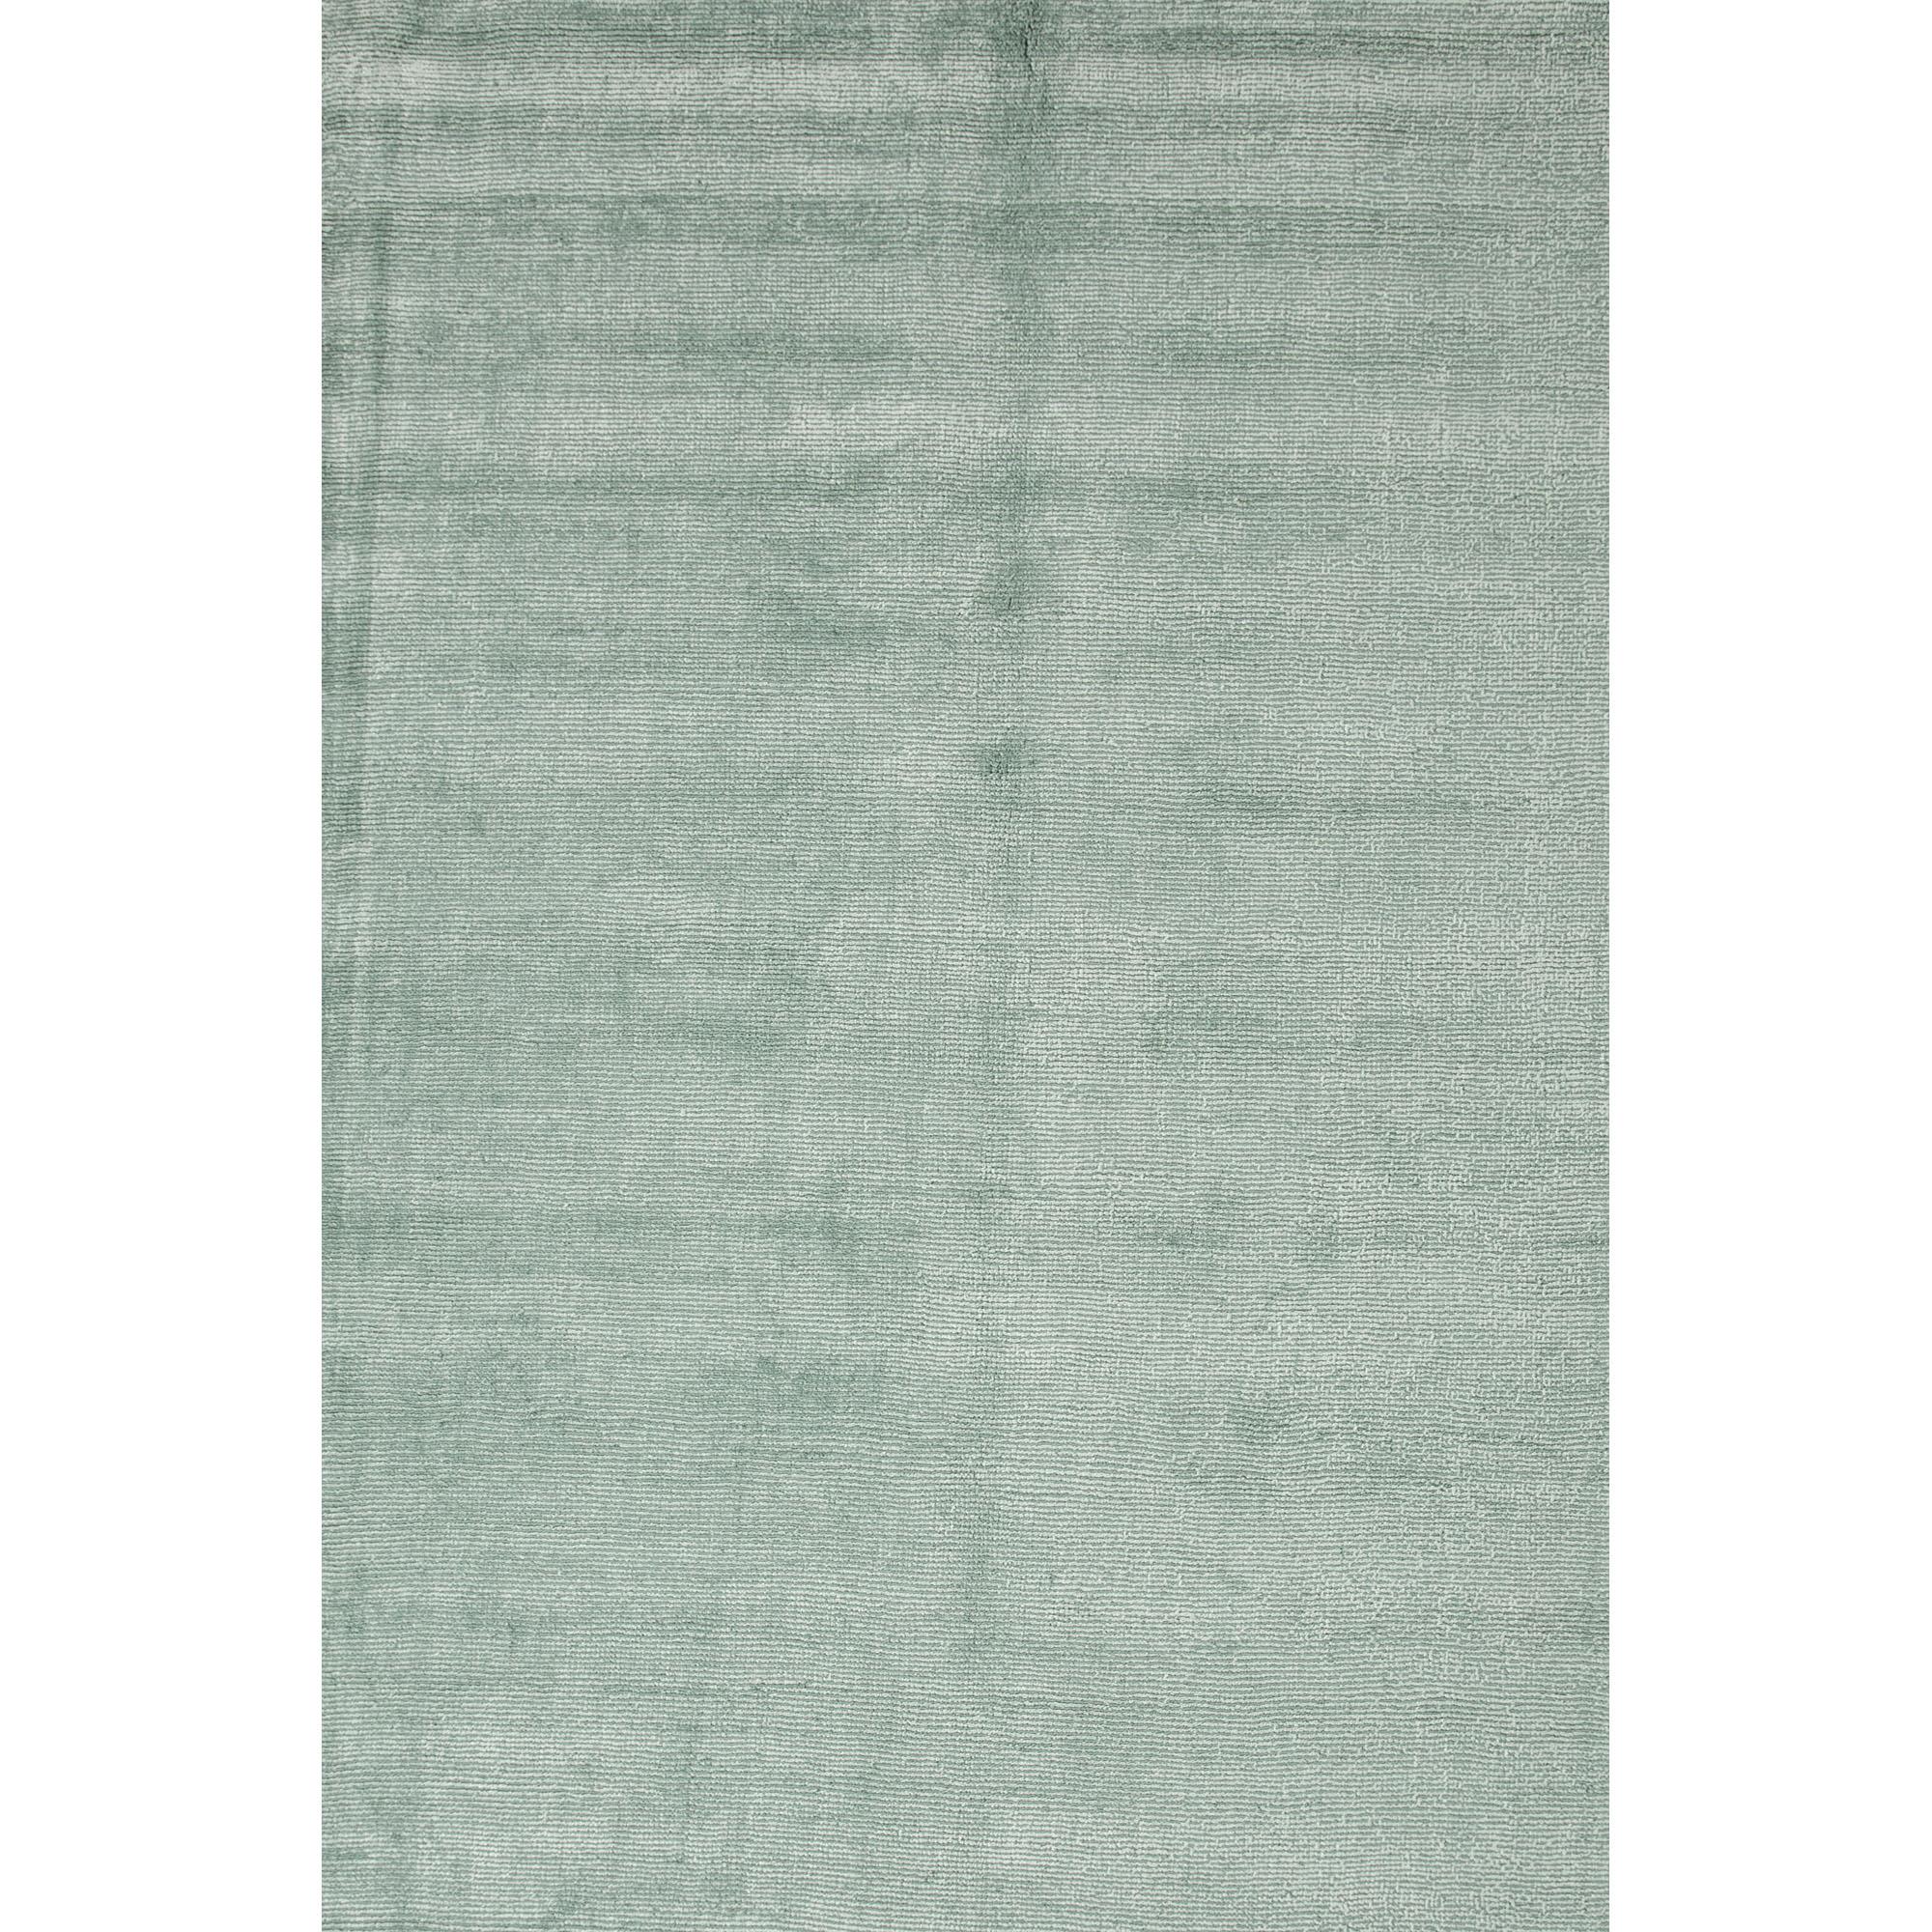 JAIPUR Rugs Konstrukt 2 x 3 Rug - Item Number: RUG102357